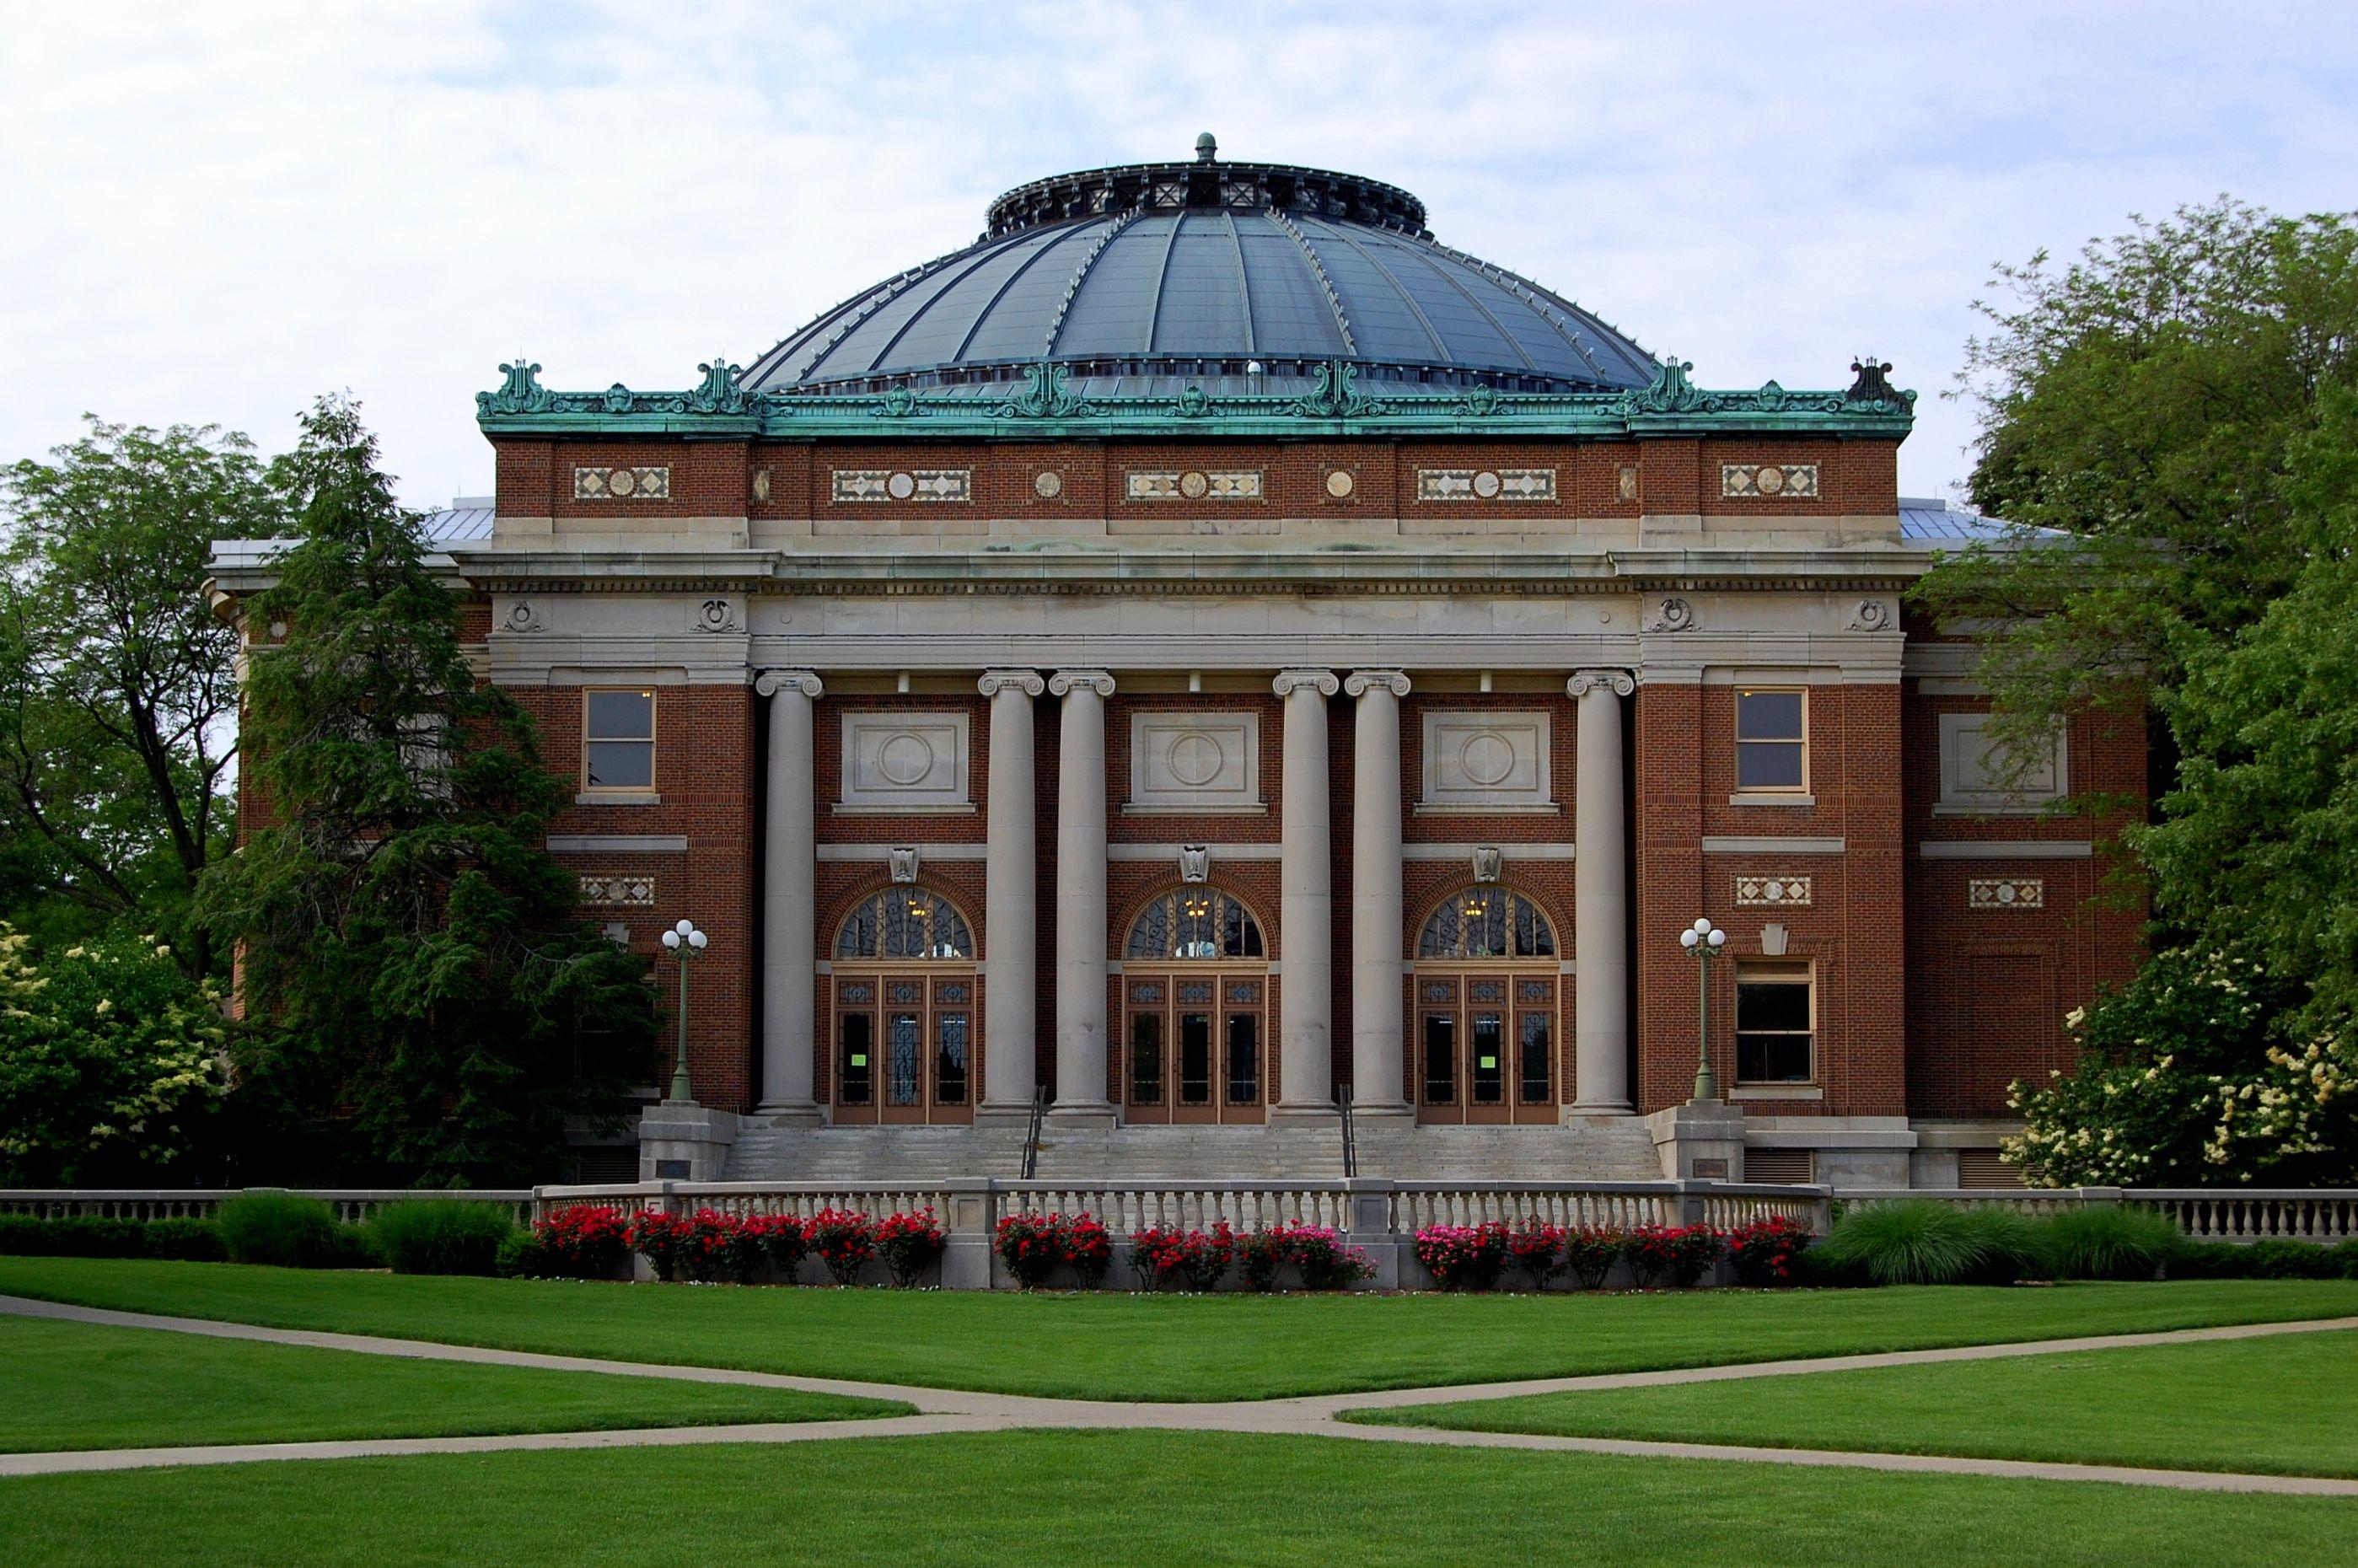 Foellinger-Auditorium-6-001